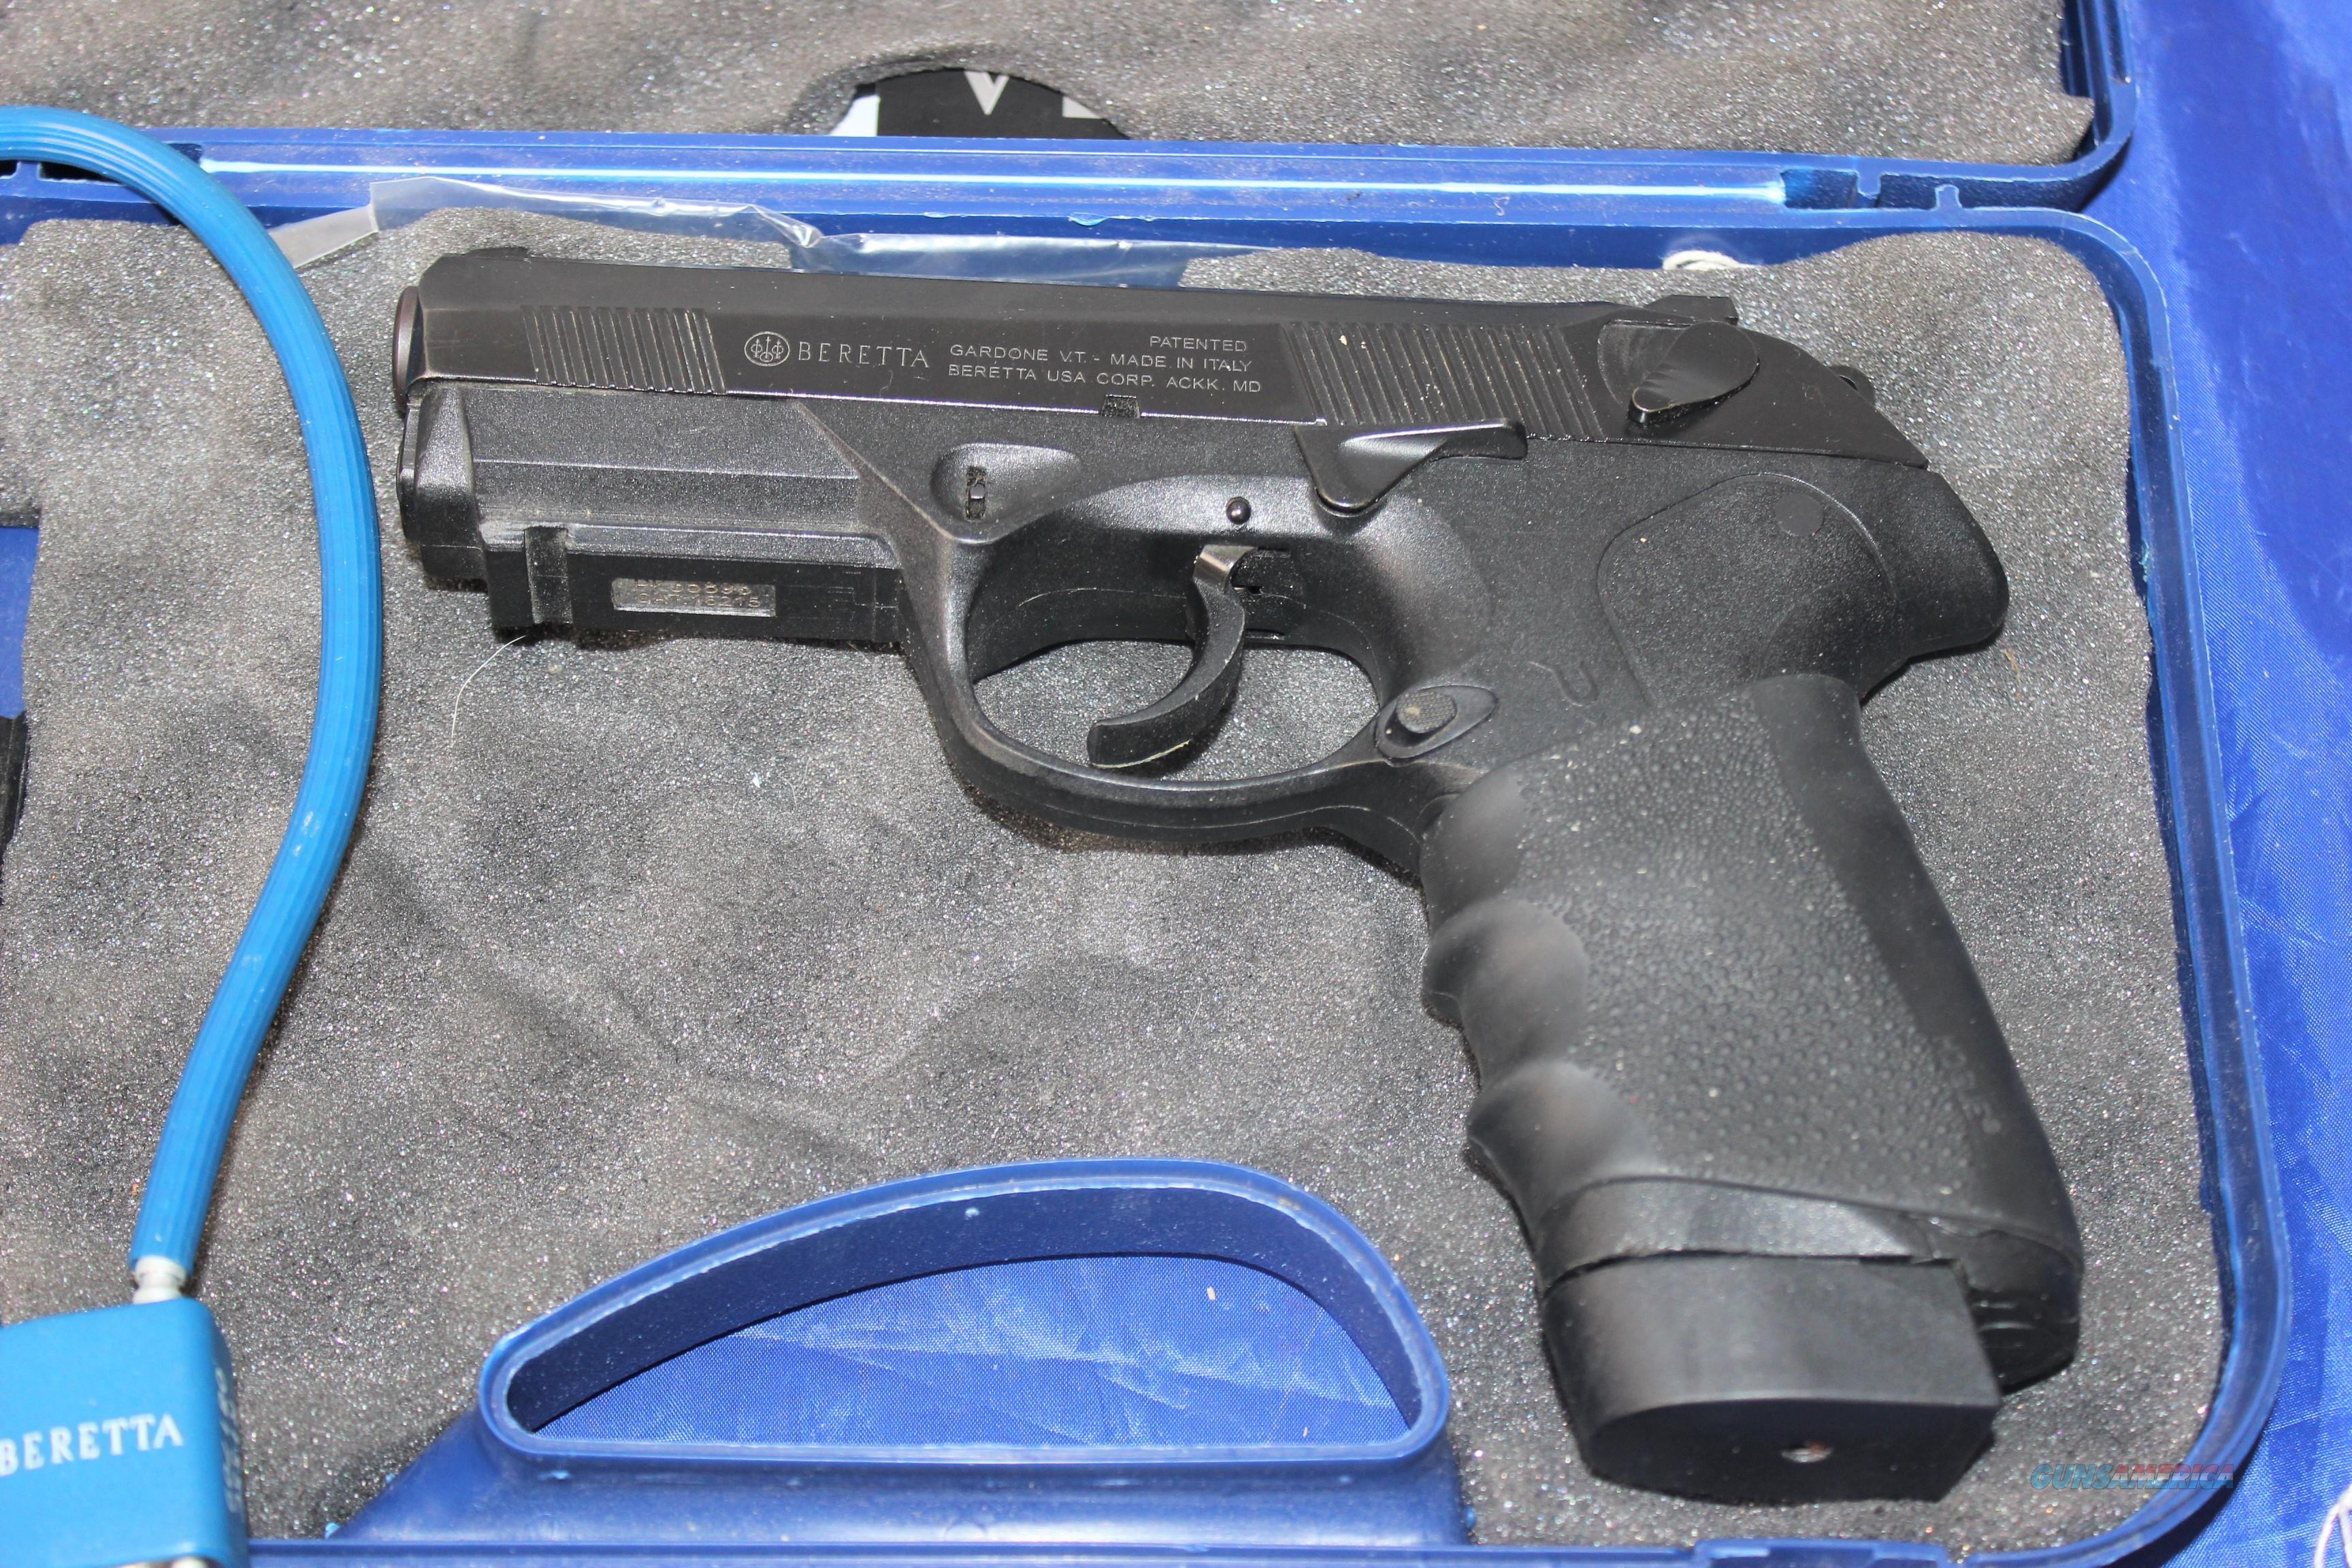 Beretta PX4 Storm .45 cal  4.1 inch barrel  Guns > Pistols > Benelli Pistols